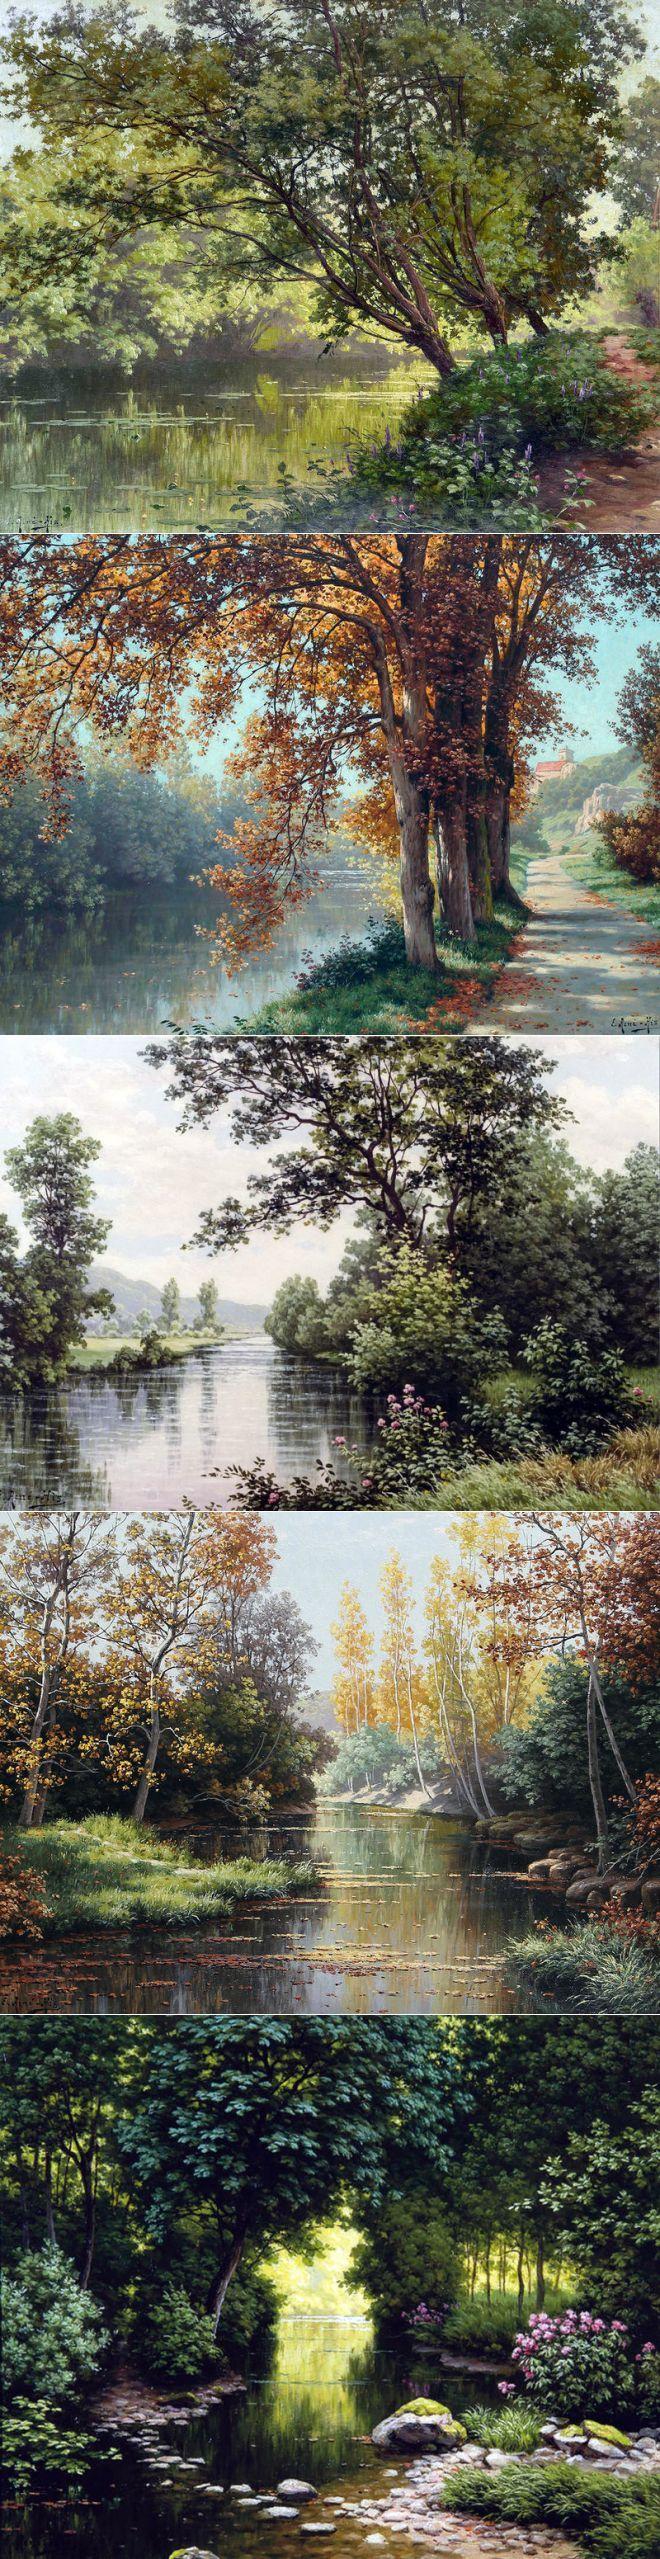 Французский художник Rene Charles Edmond His | Интересные Картинки. Фотографии, обои на рабочий стол, рисунки и графика